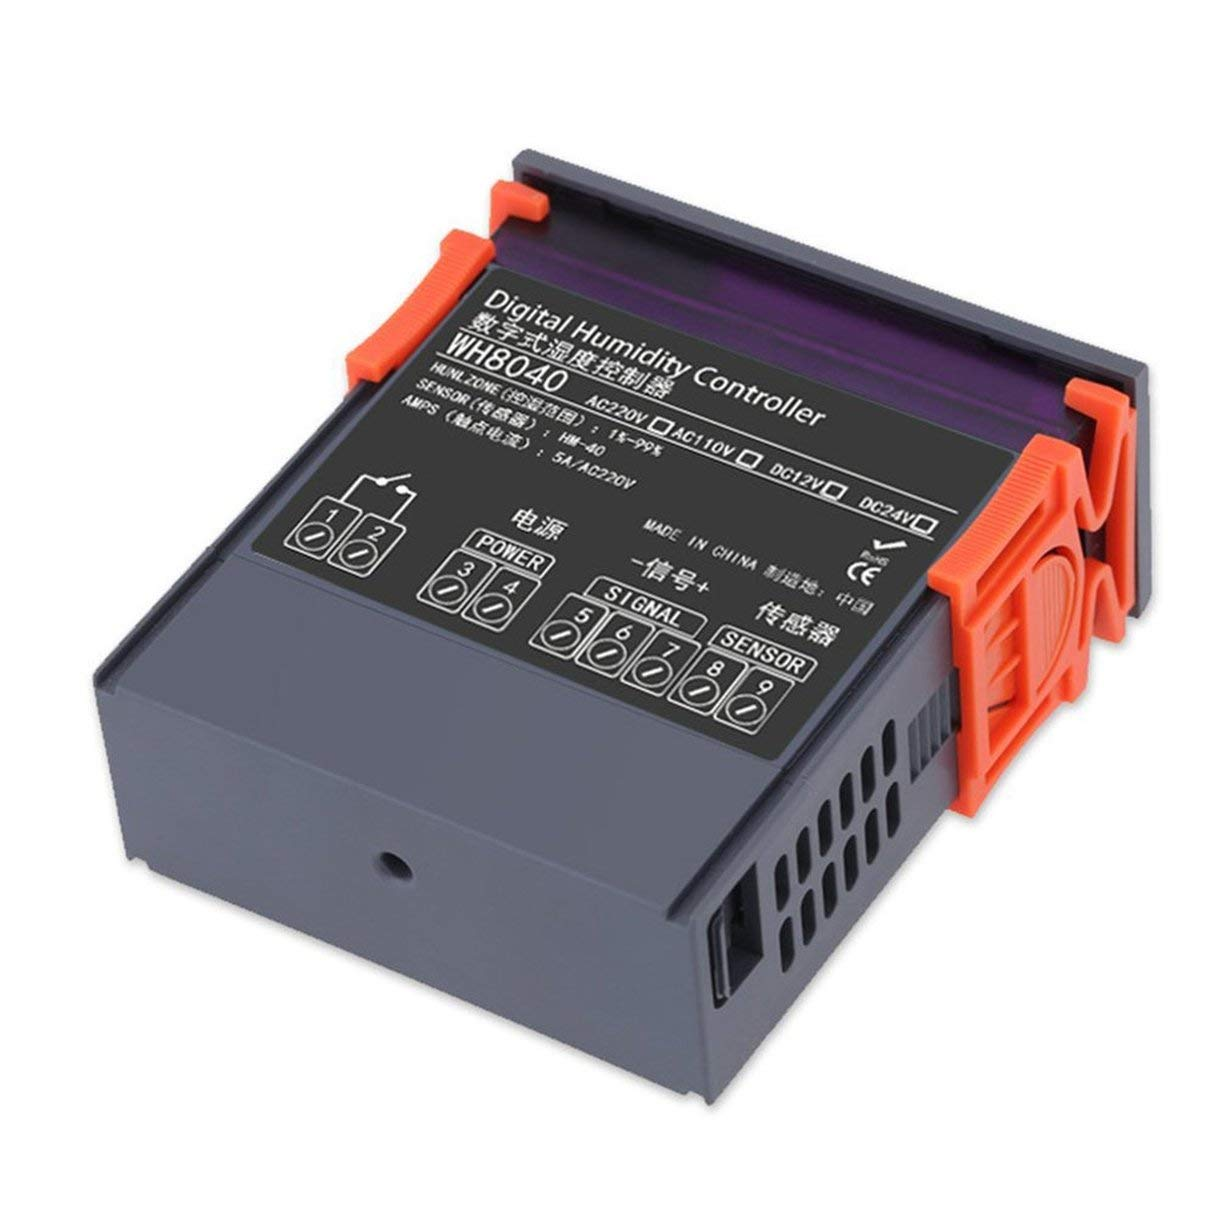 Controlador de humedad digital, compacto y ligero LED Termostato digital Controlador de humedad y temperatura Medidor de alta precisión para la humedad del ...